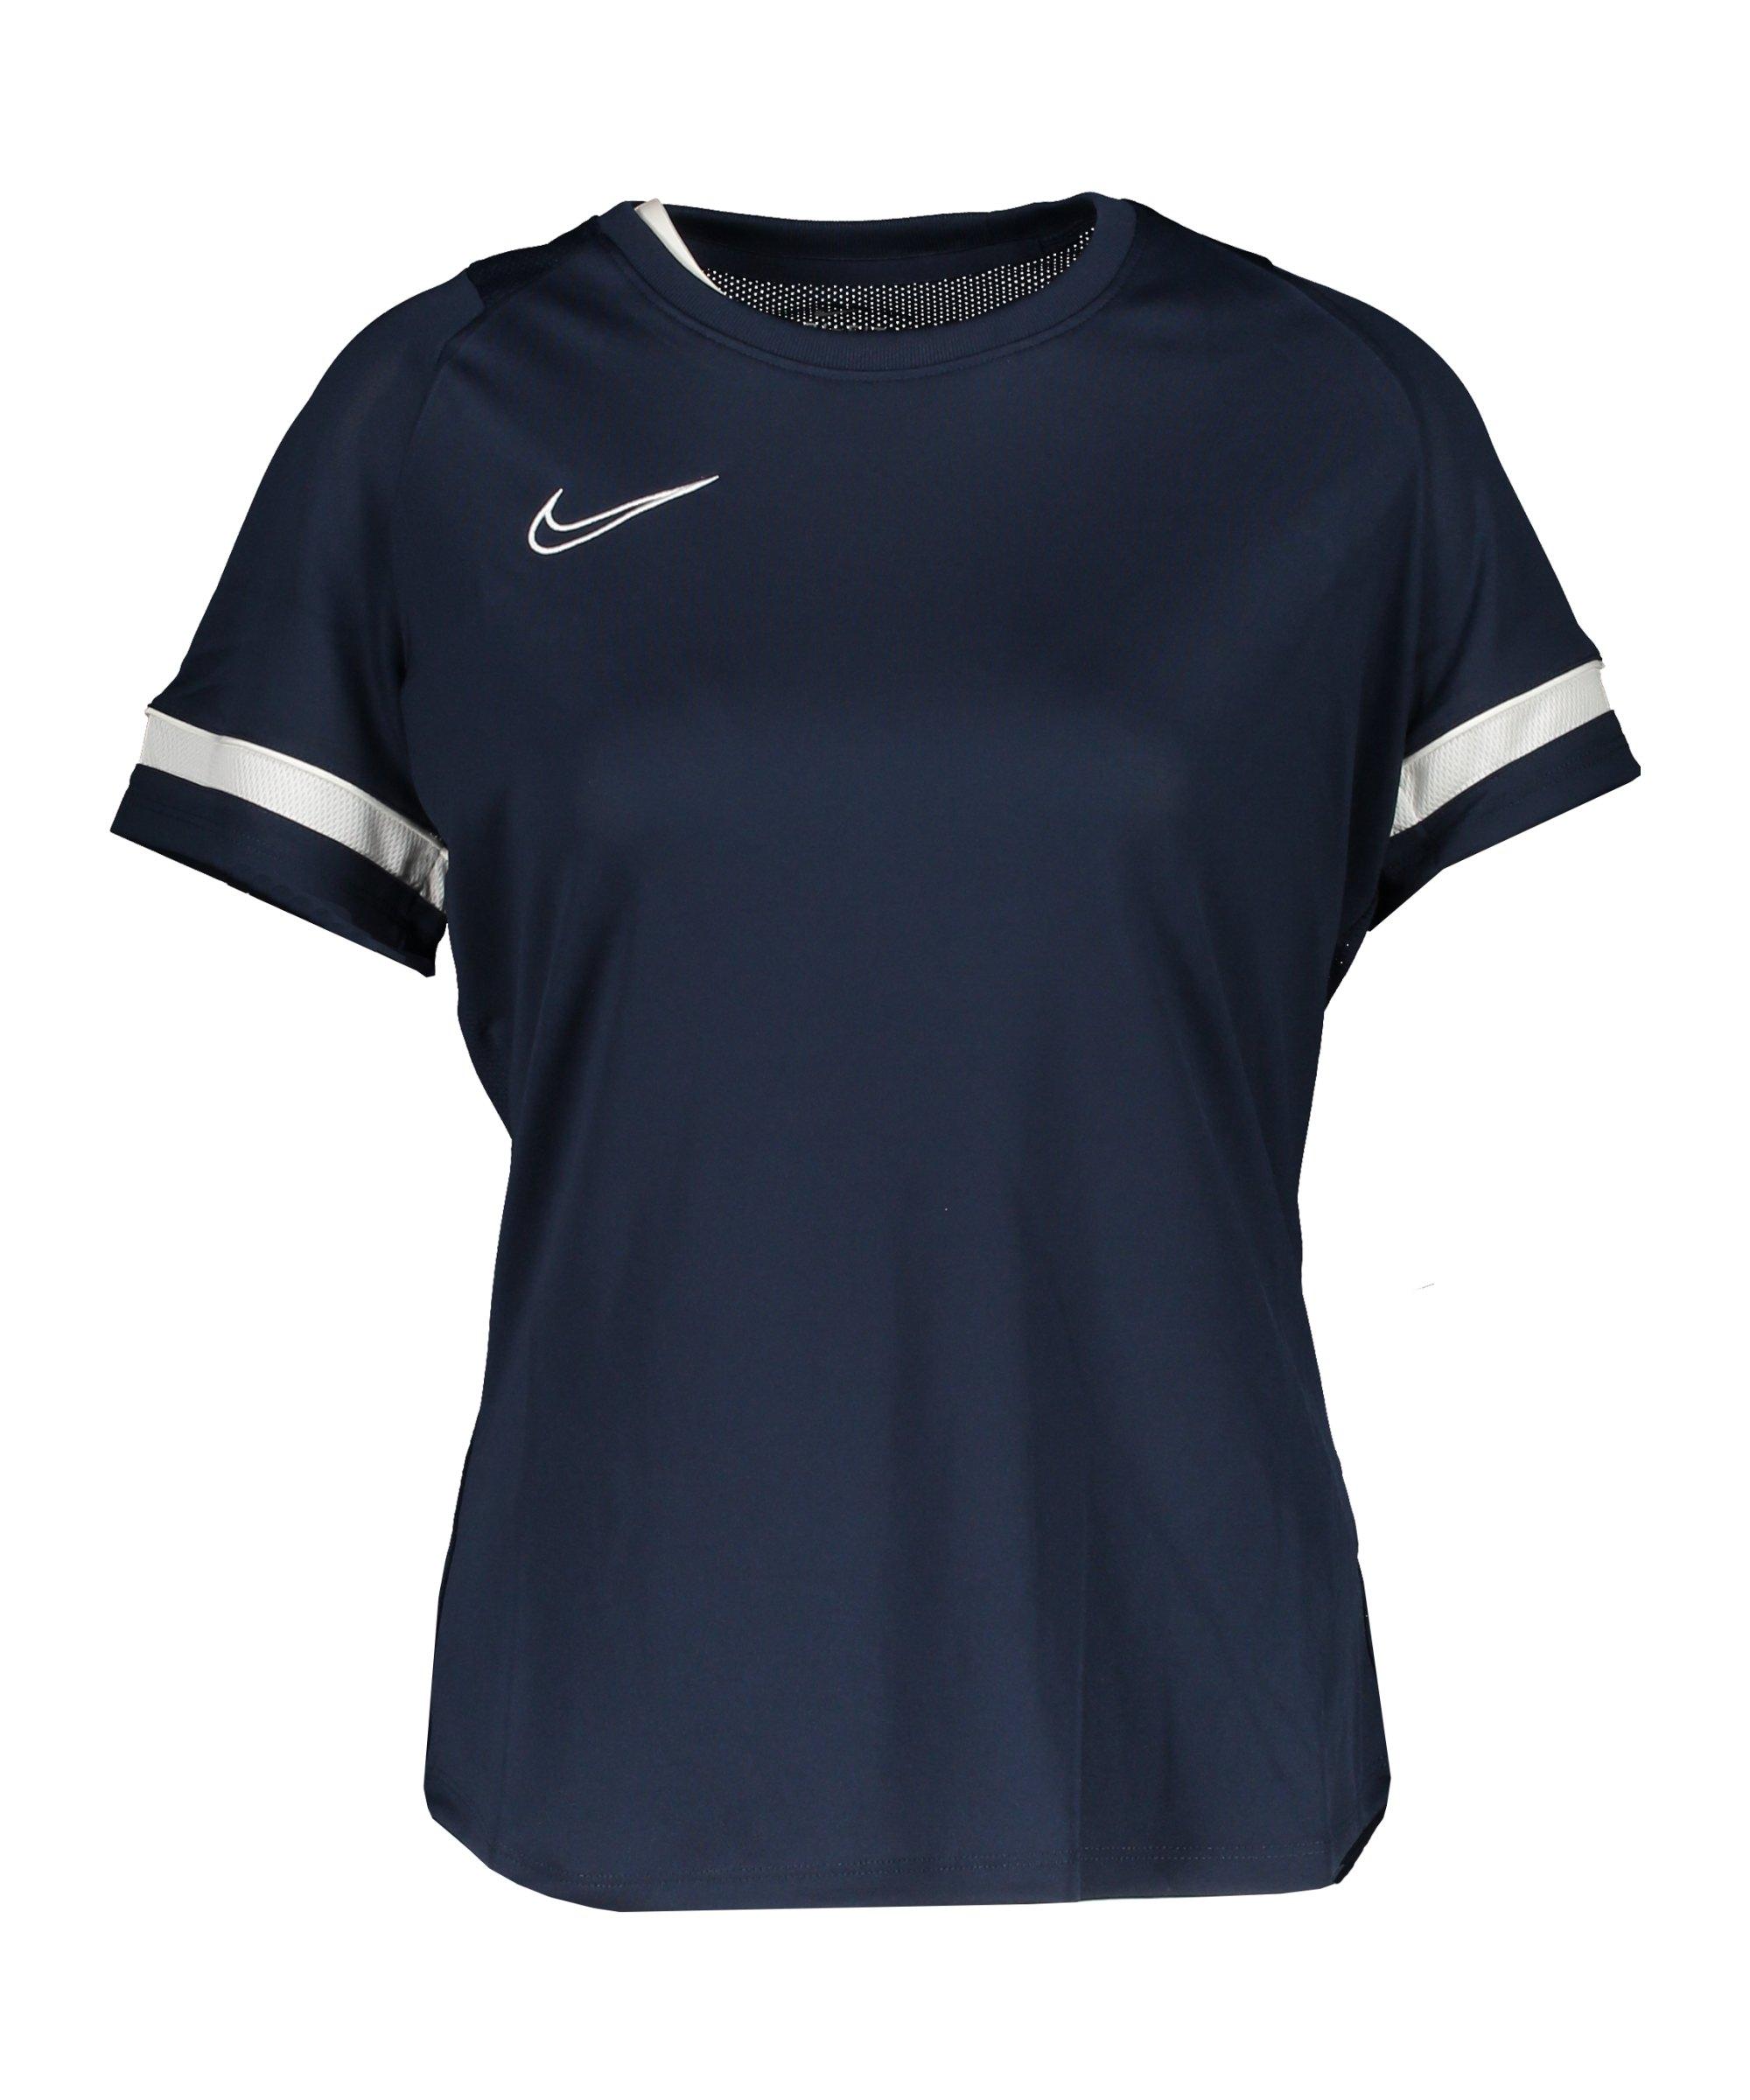 Nike Academy 21 T-Shirt Damen Blau F451 - blau